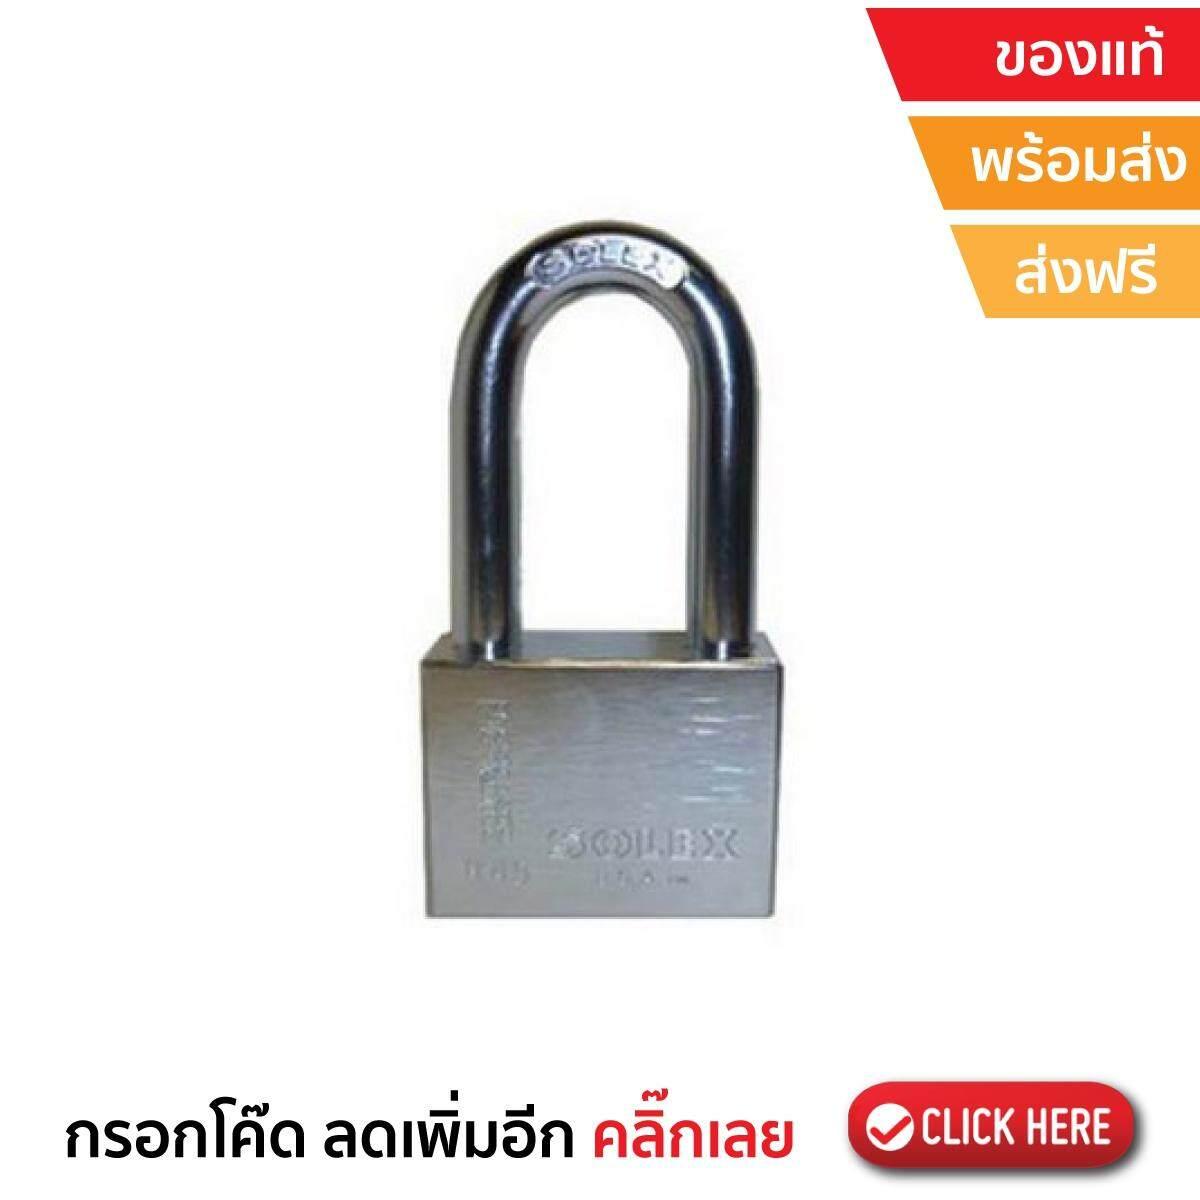 กุญแจล็อคประตู แม่กุญแจ ล๊อคประตู PADLOCK กุญแจ ลูกปืน SOLEX R45-CRL 45MM SS ส่ง kerry เก็บเงินปลายทาง